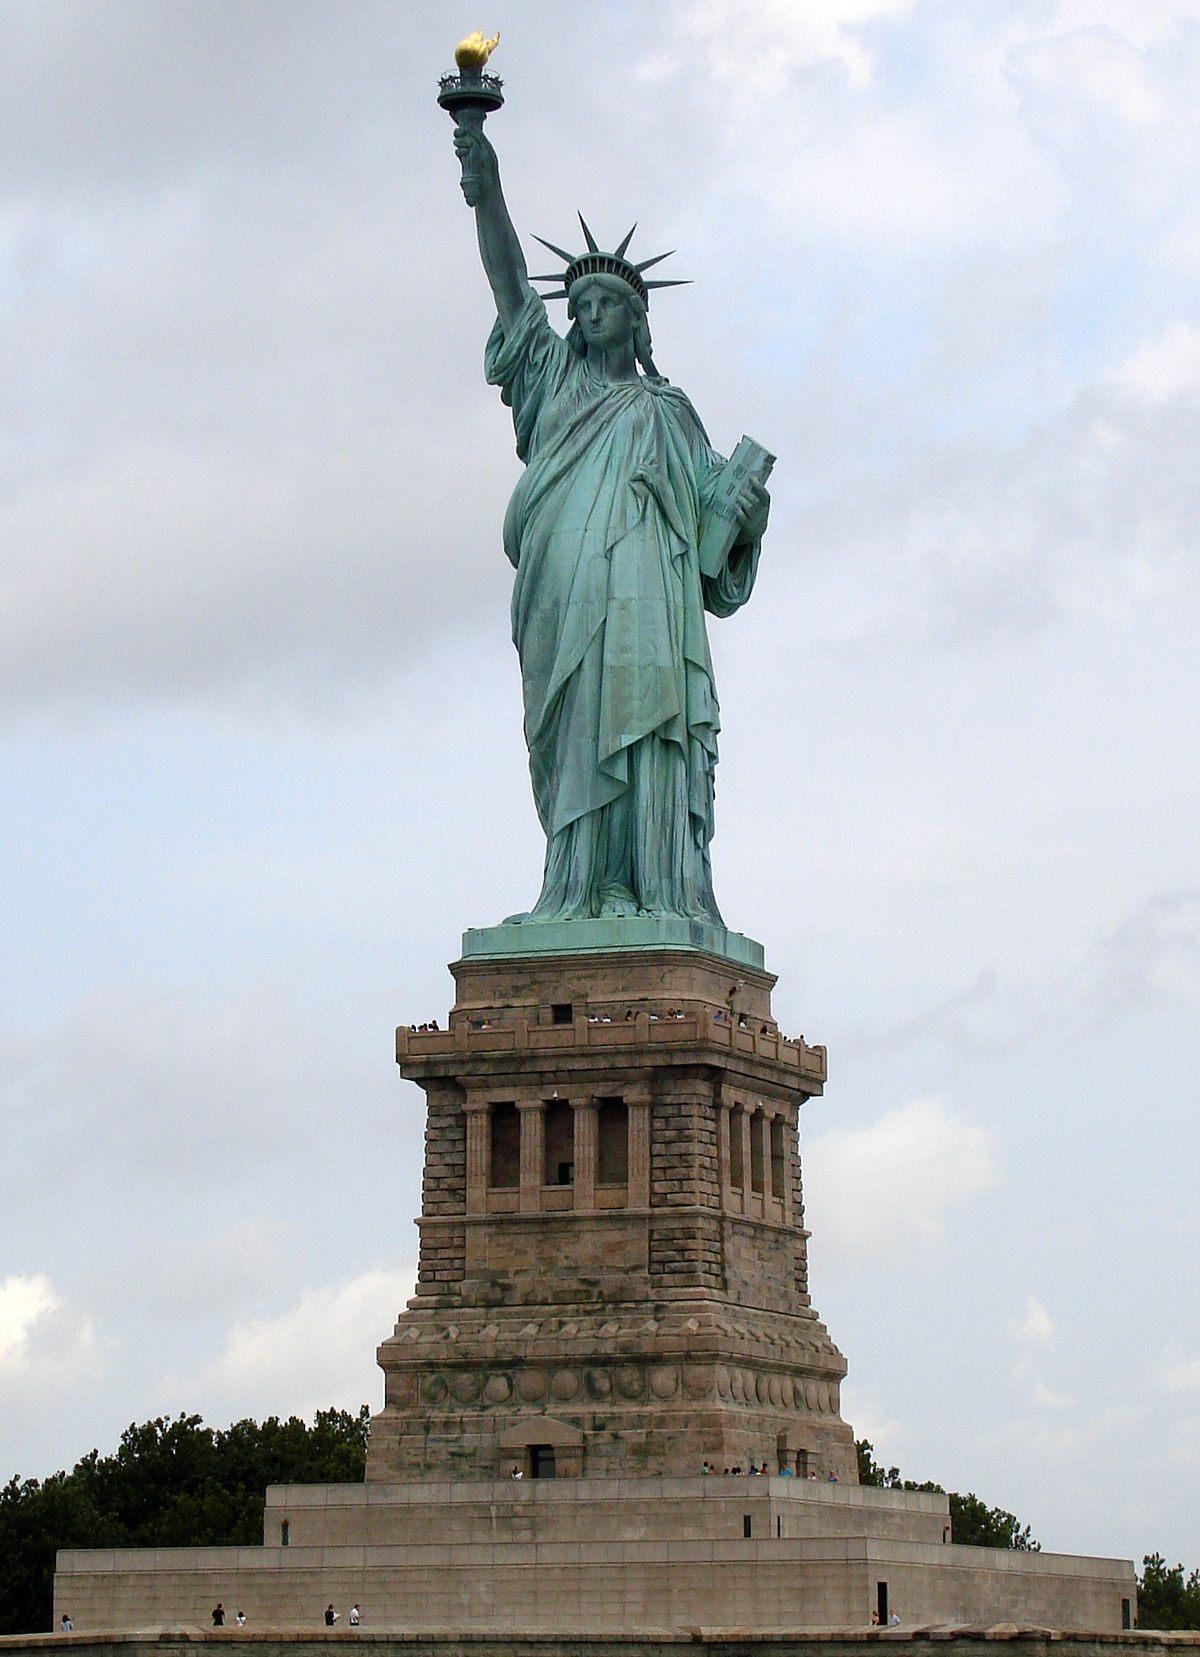 Tour De Lit Rose Meilleur De Statue Of Liberty